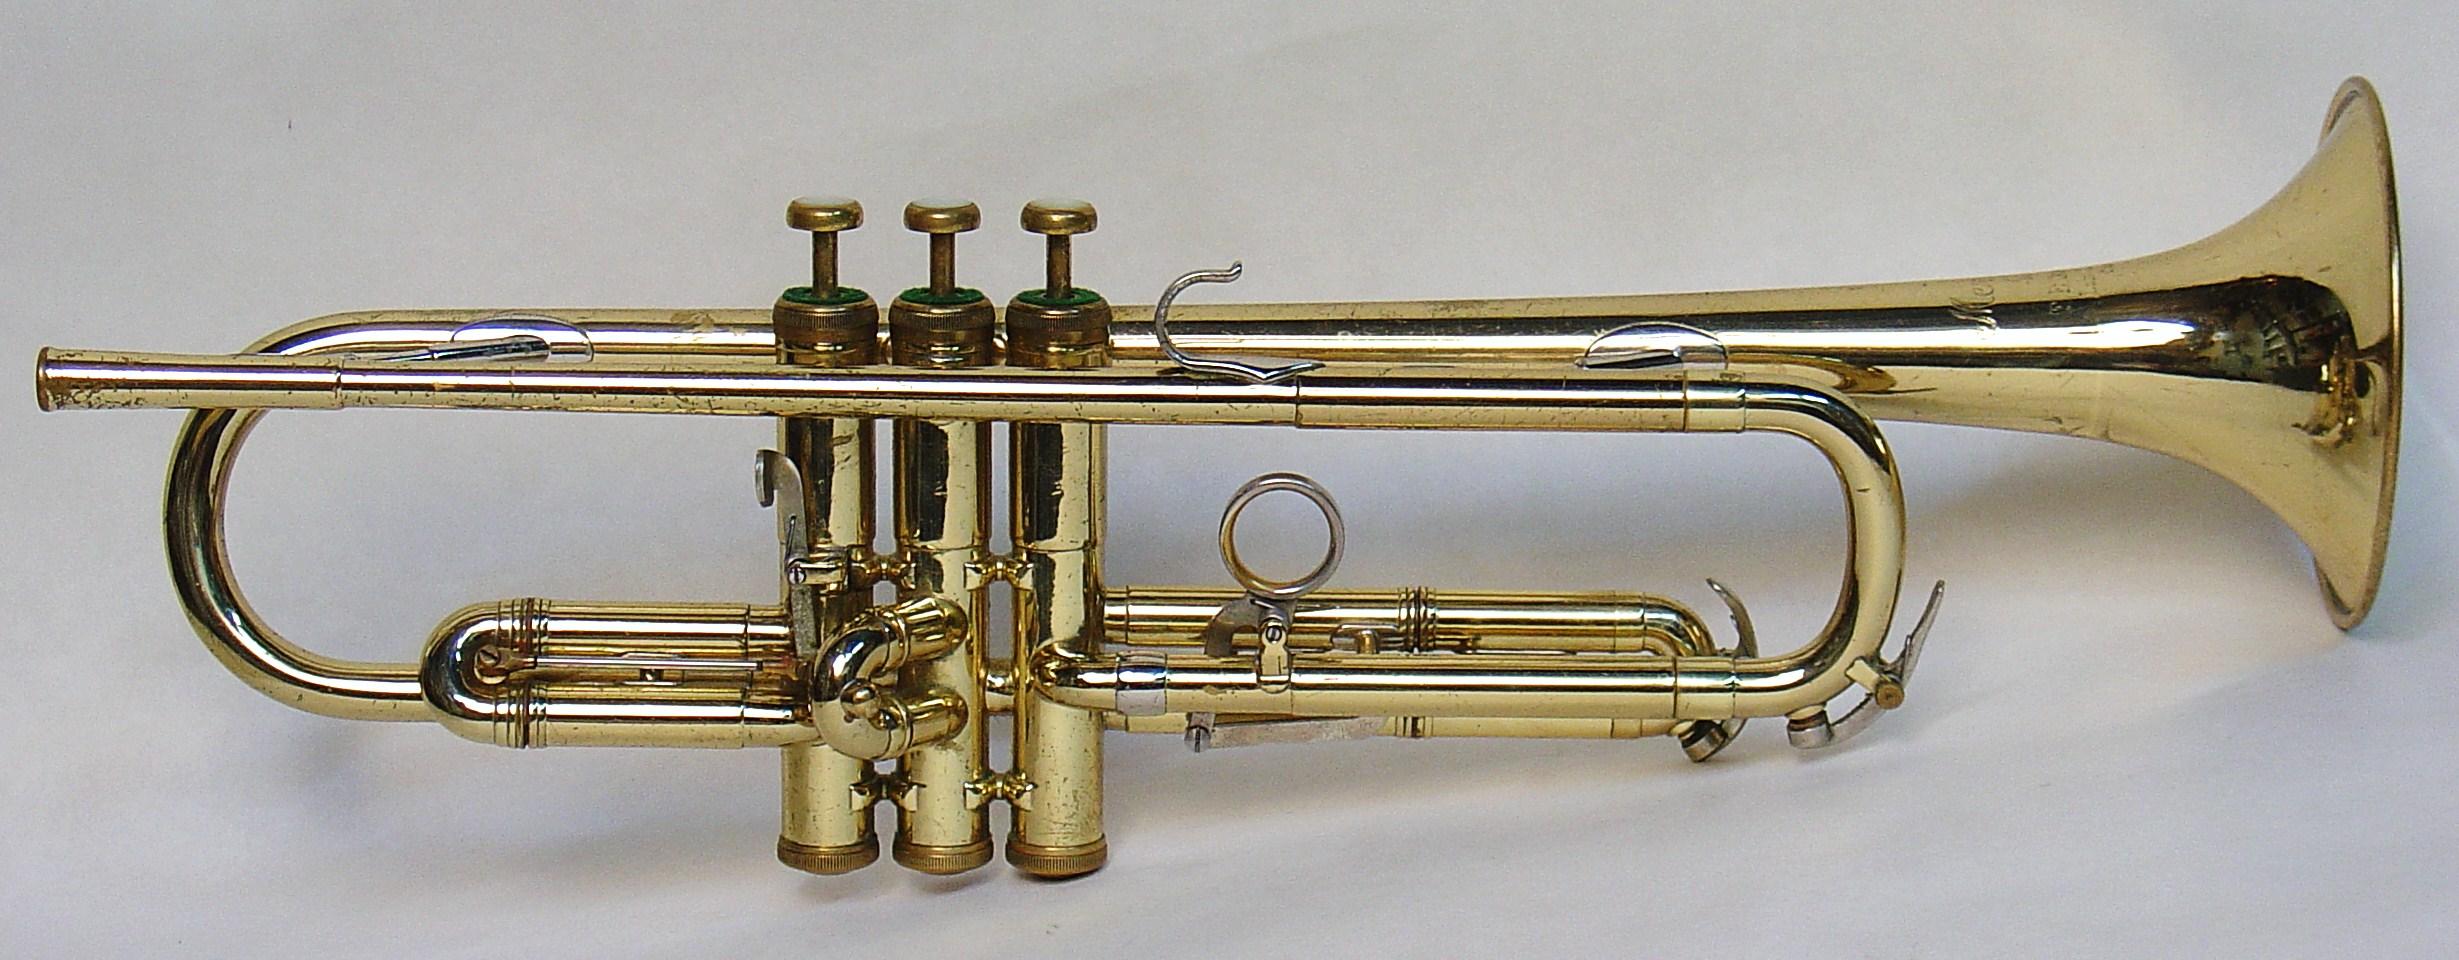 Prototype Mendez Model Trumpet